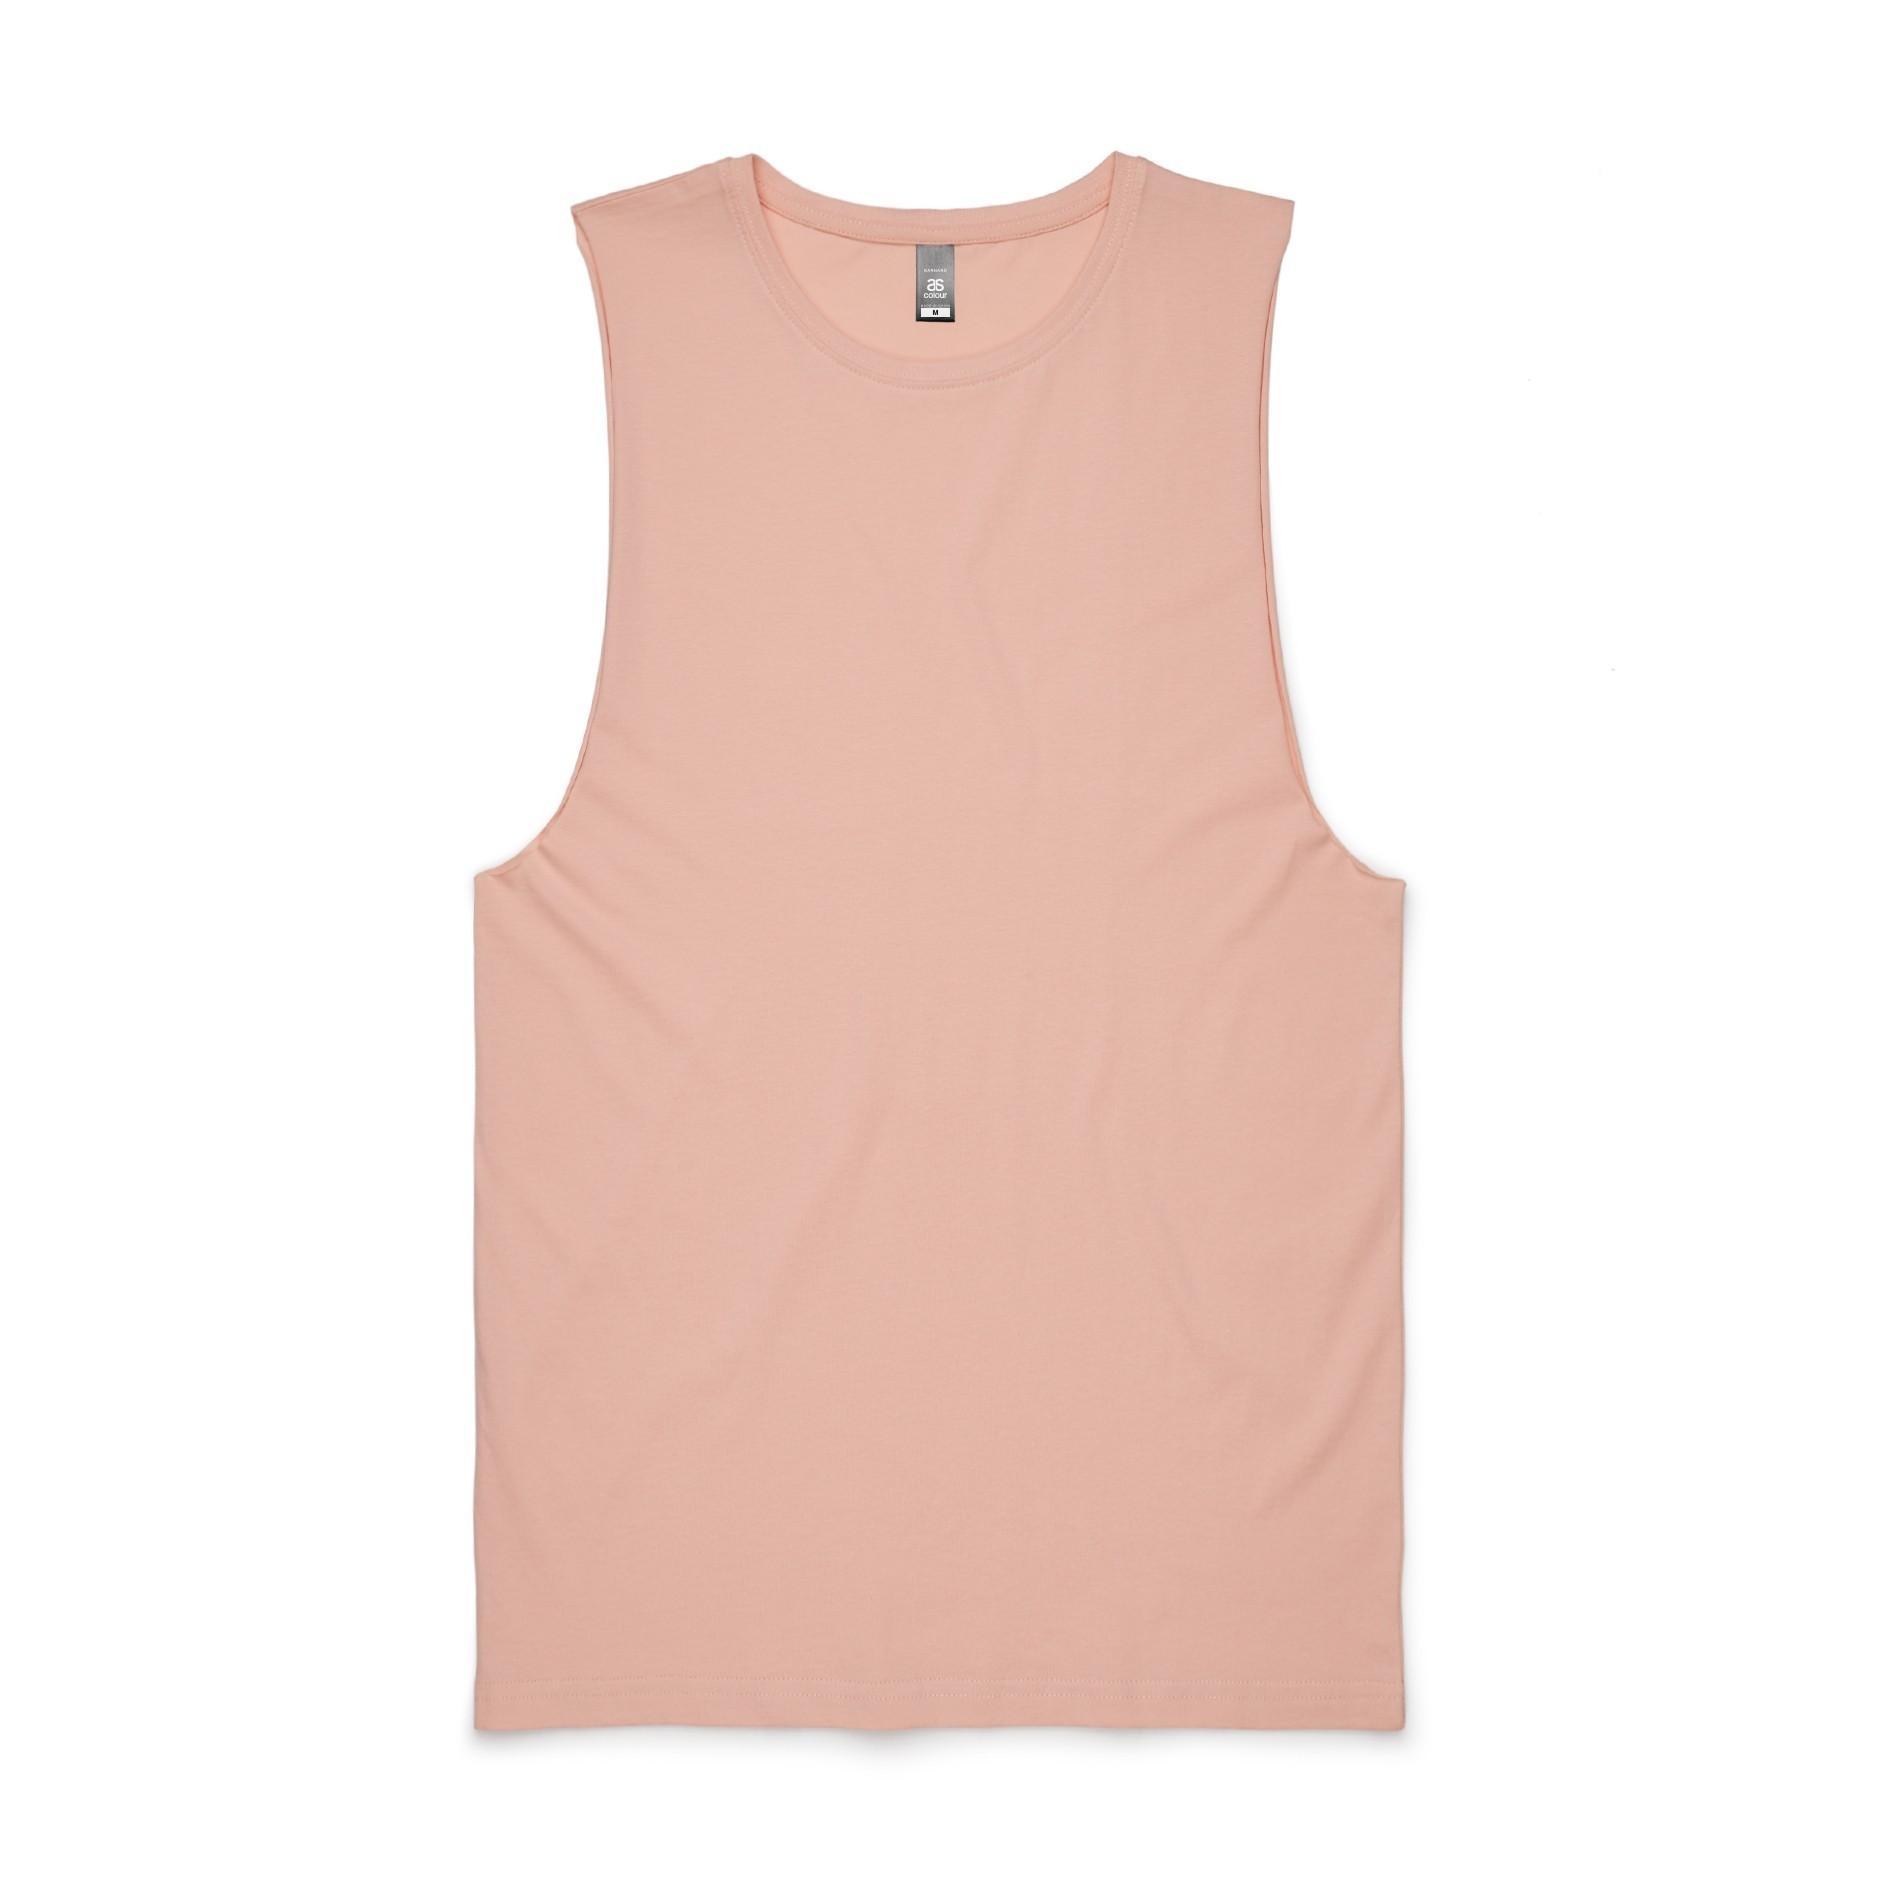 87458238800ea6 5025 - Barnard Tank Tee - Pale Pink. Pale Pink